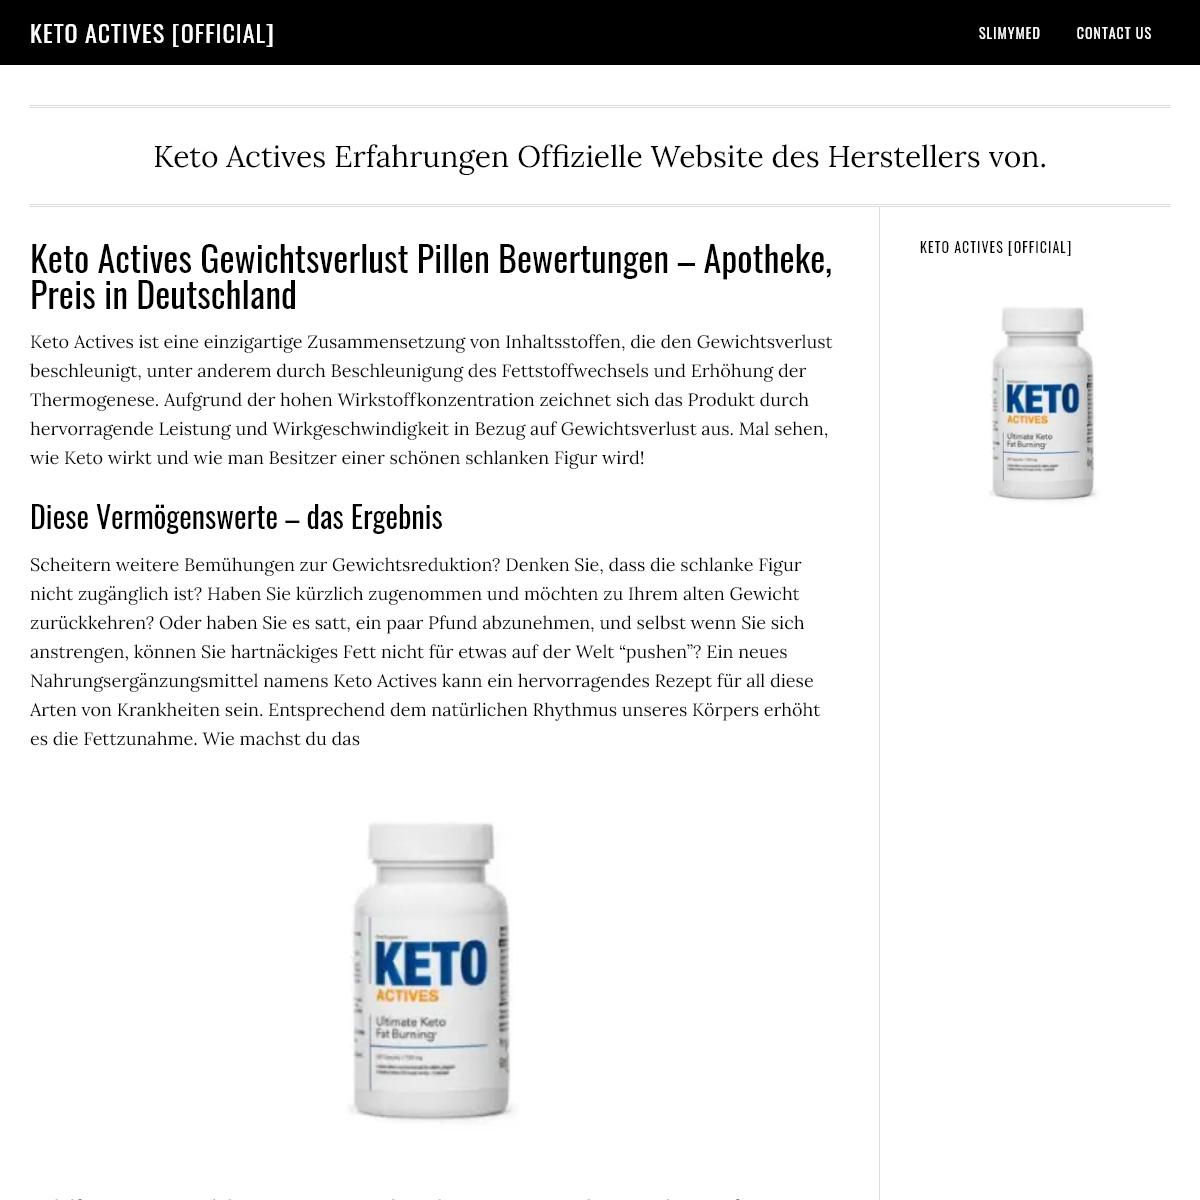 Keto Actives Gewichtsverlust Pillen Bewertungen - Apotheke,